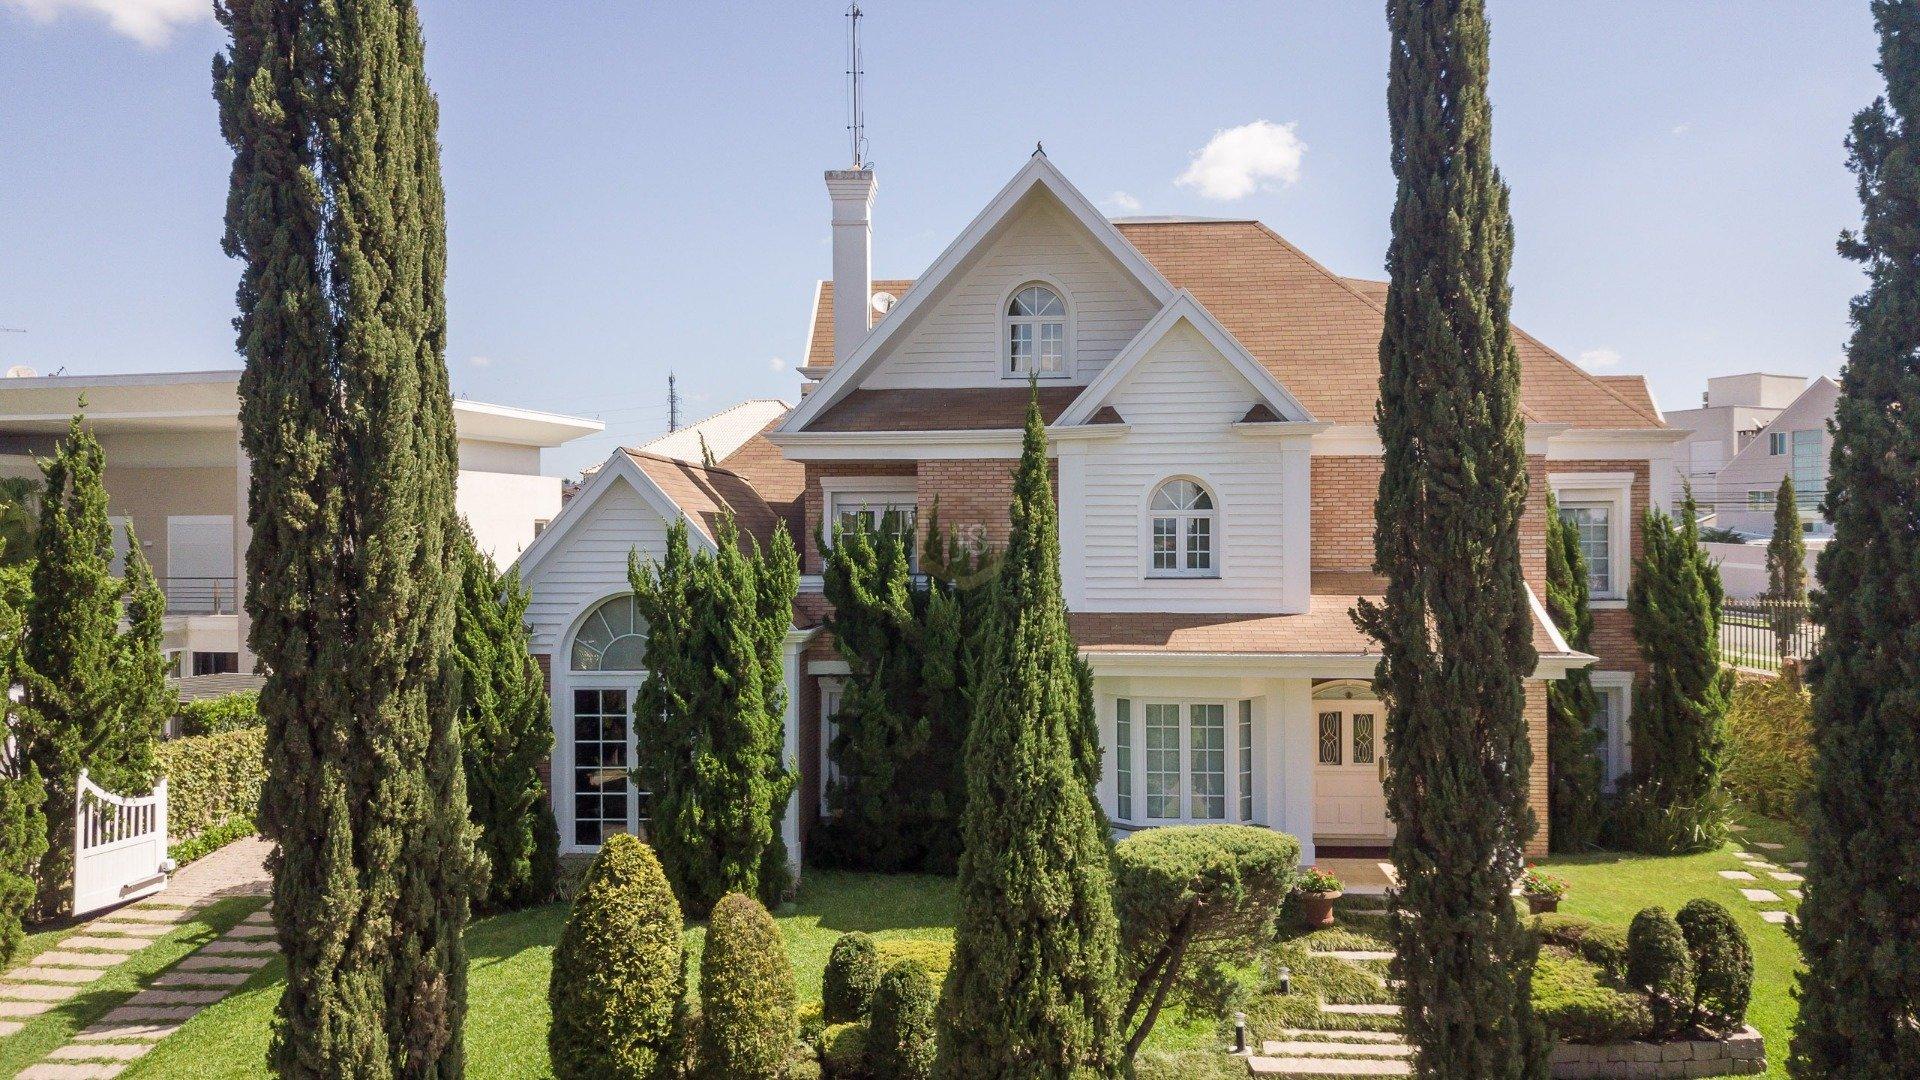 Foto de destaque Casa com amplo terreno em condominio fechado